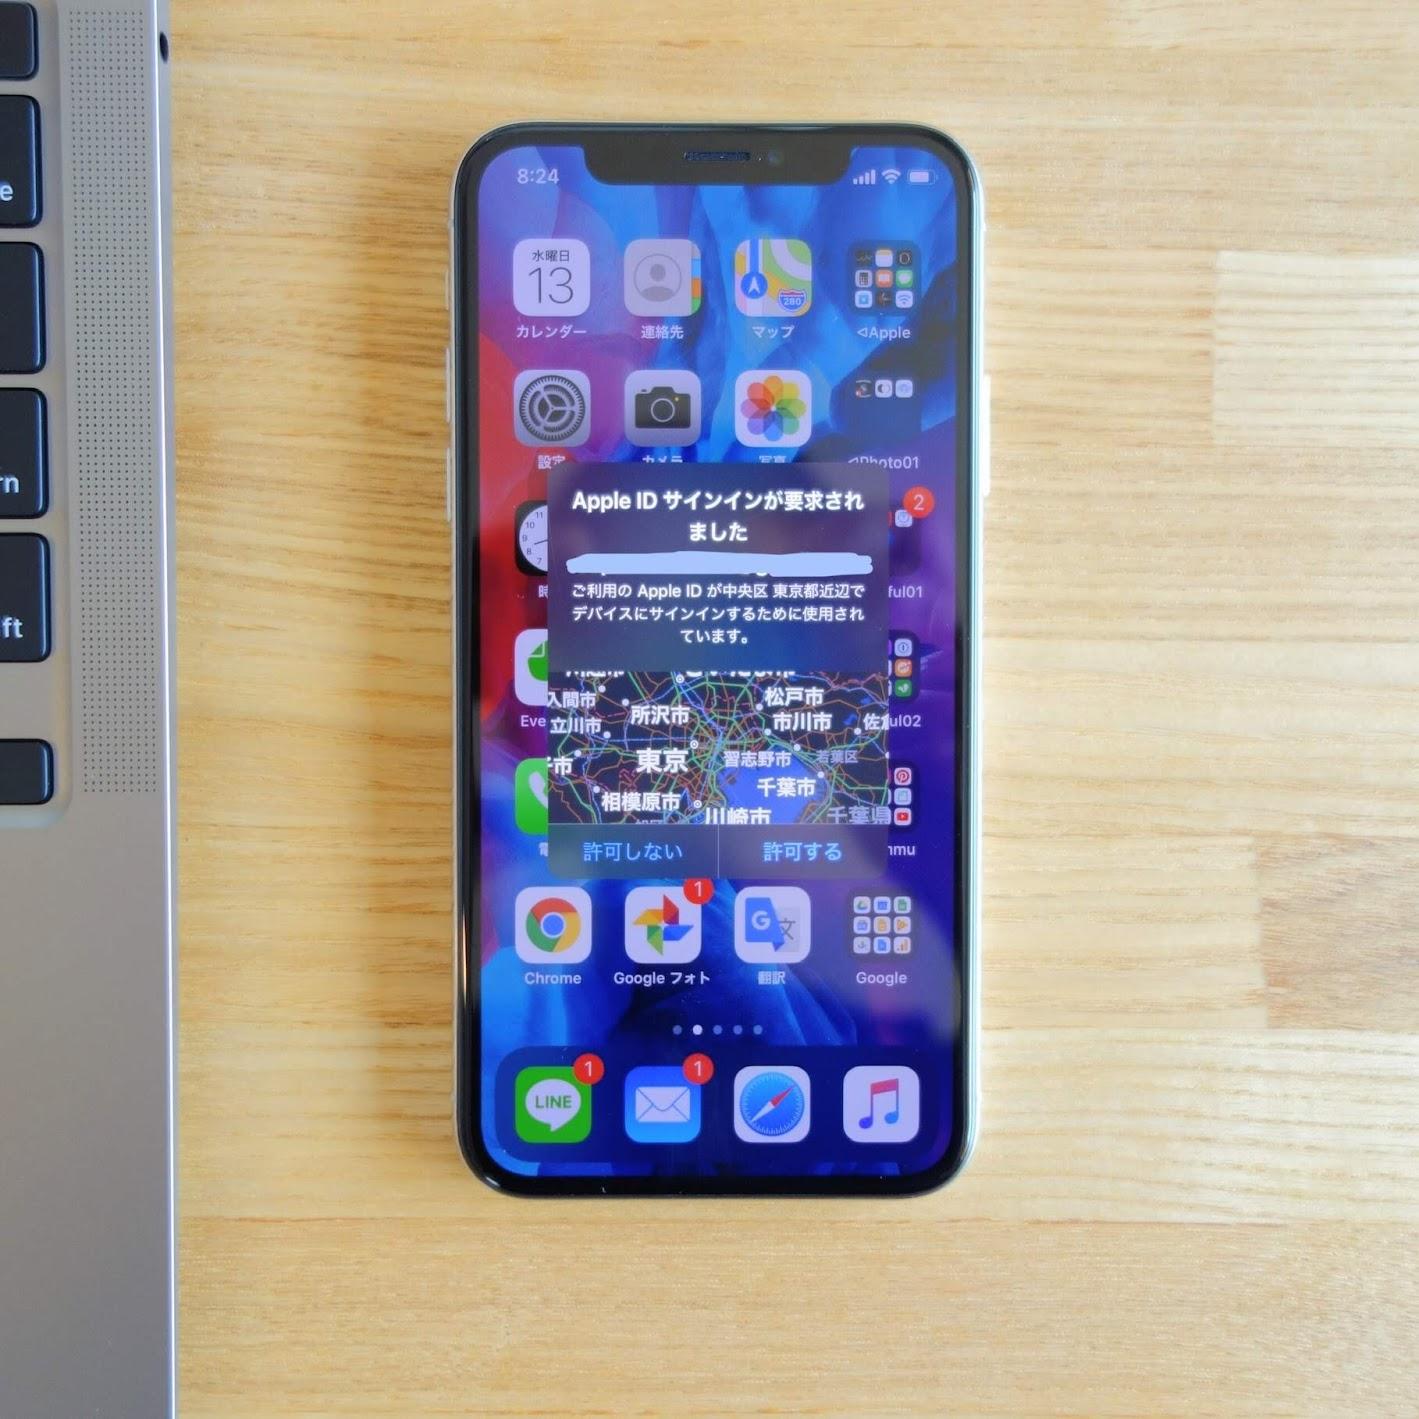 MacBook Air iPhoneに認証コードを送信